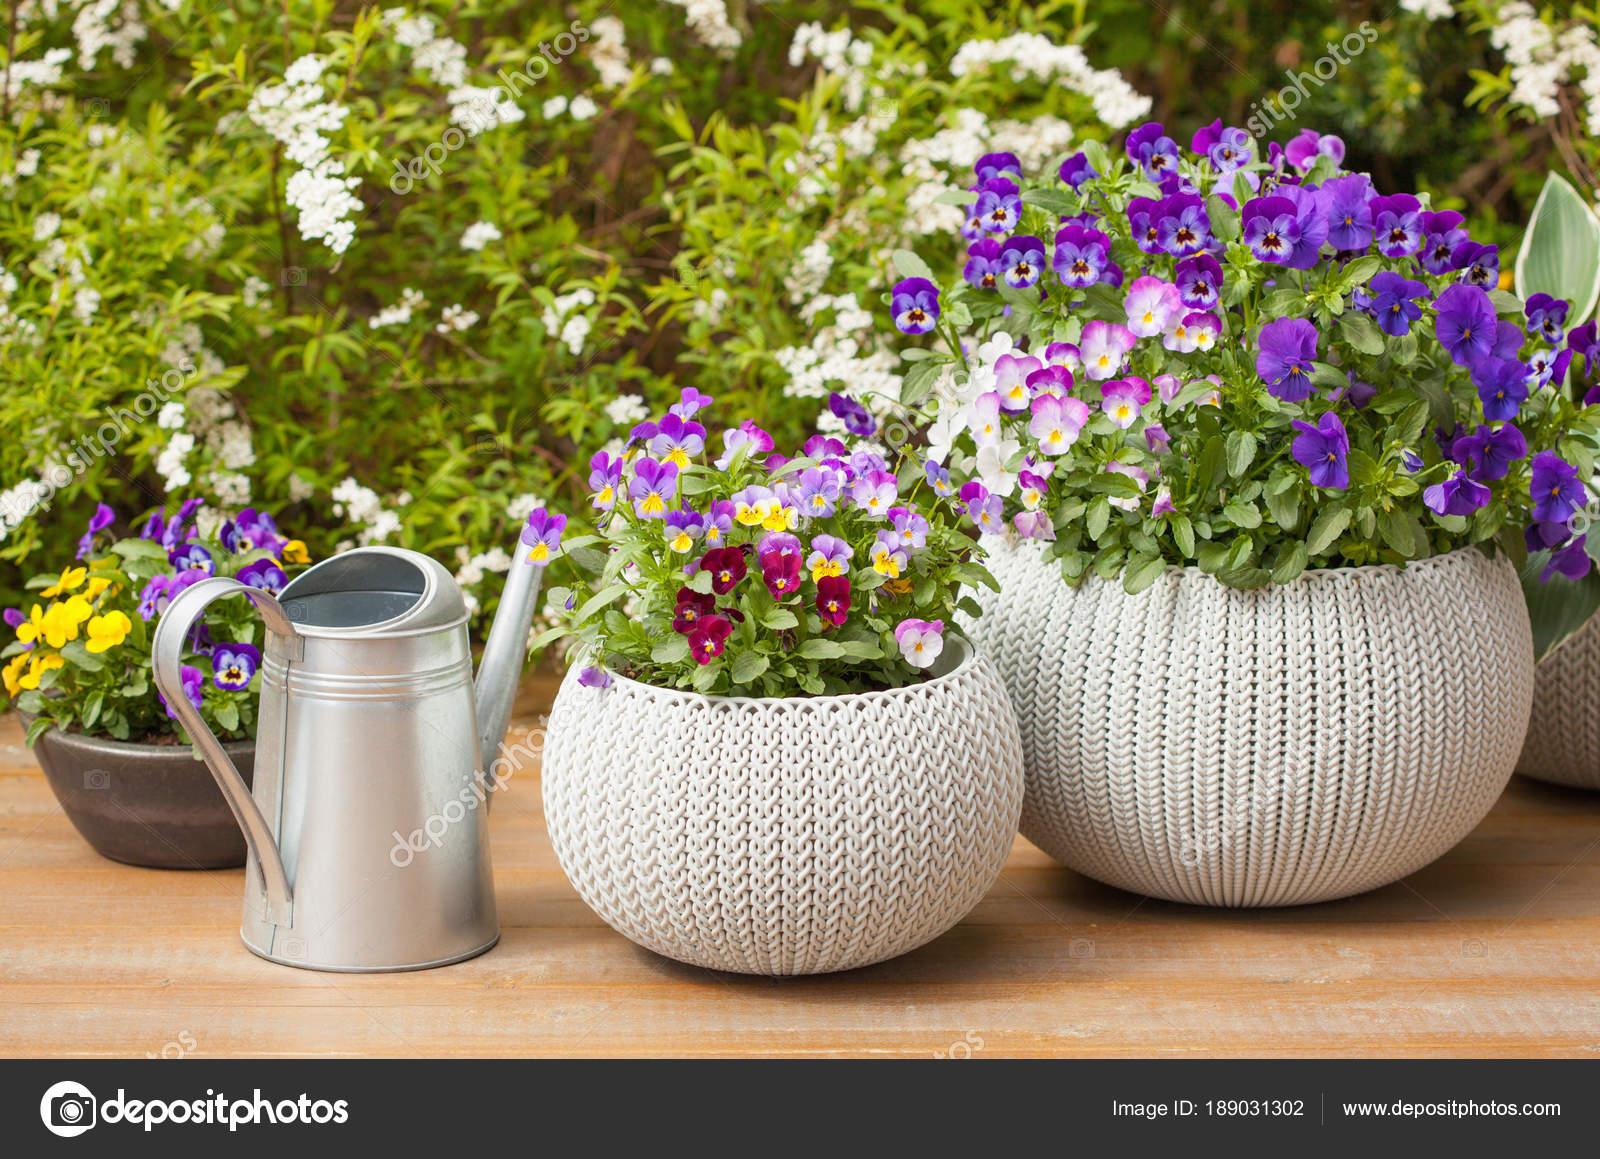 Kwiaty Piękne Lato Bratek W Doniczki W Ogrodzie Zdjęcie